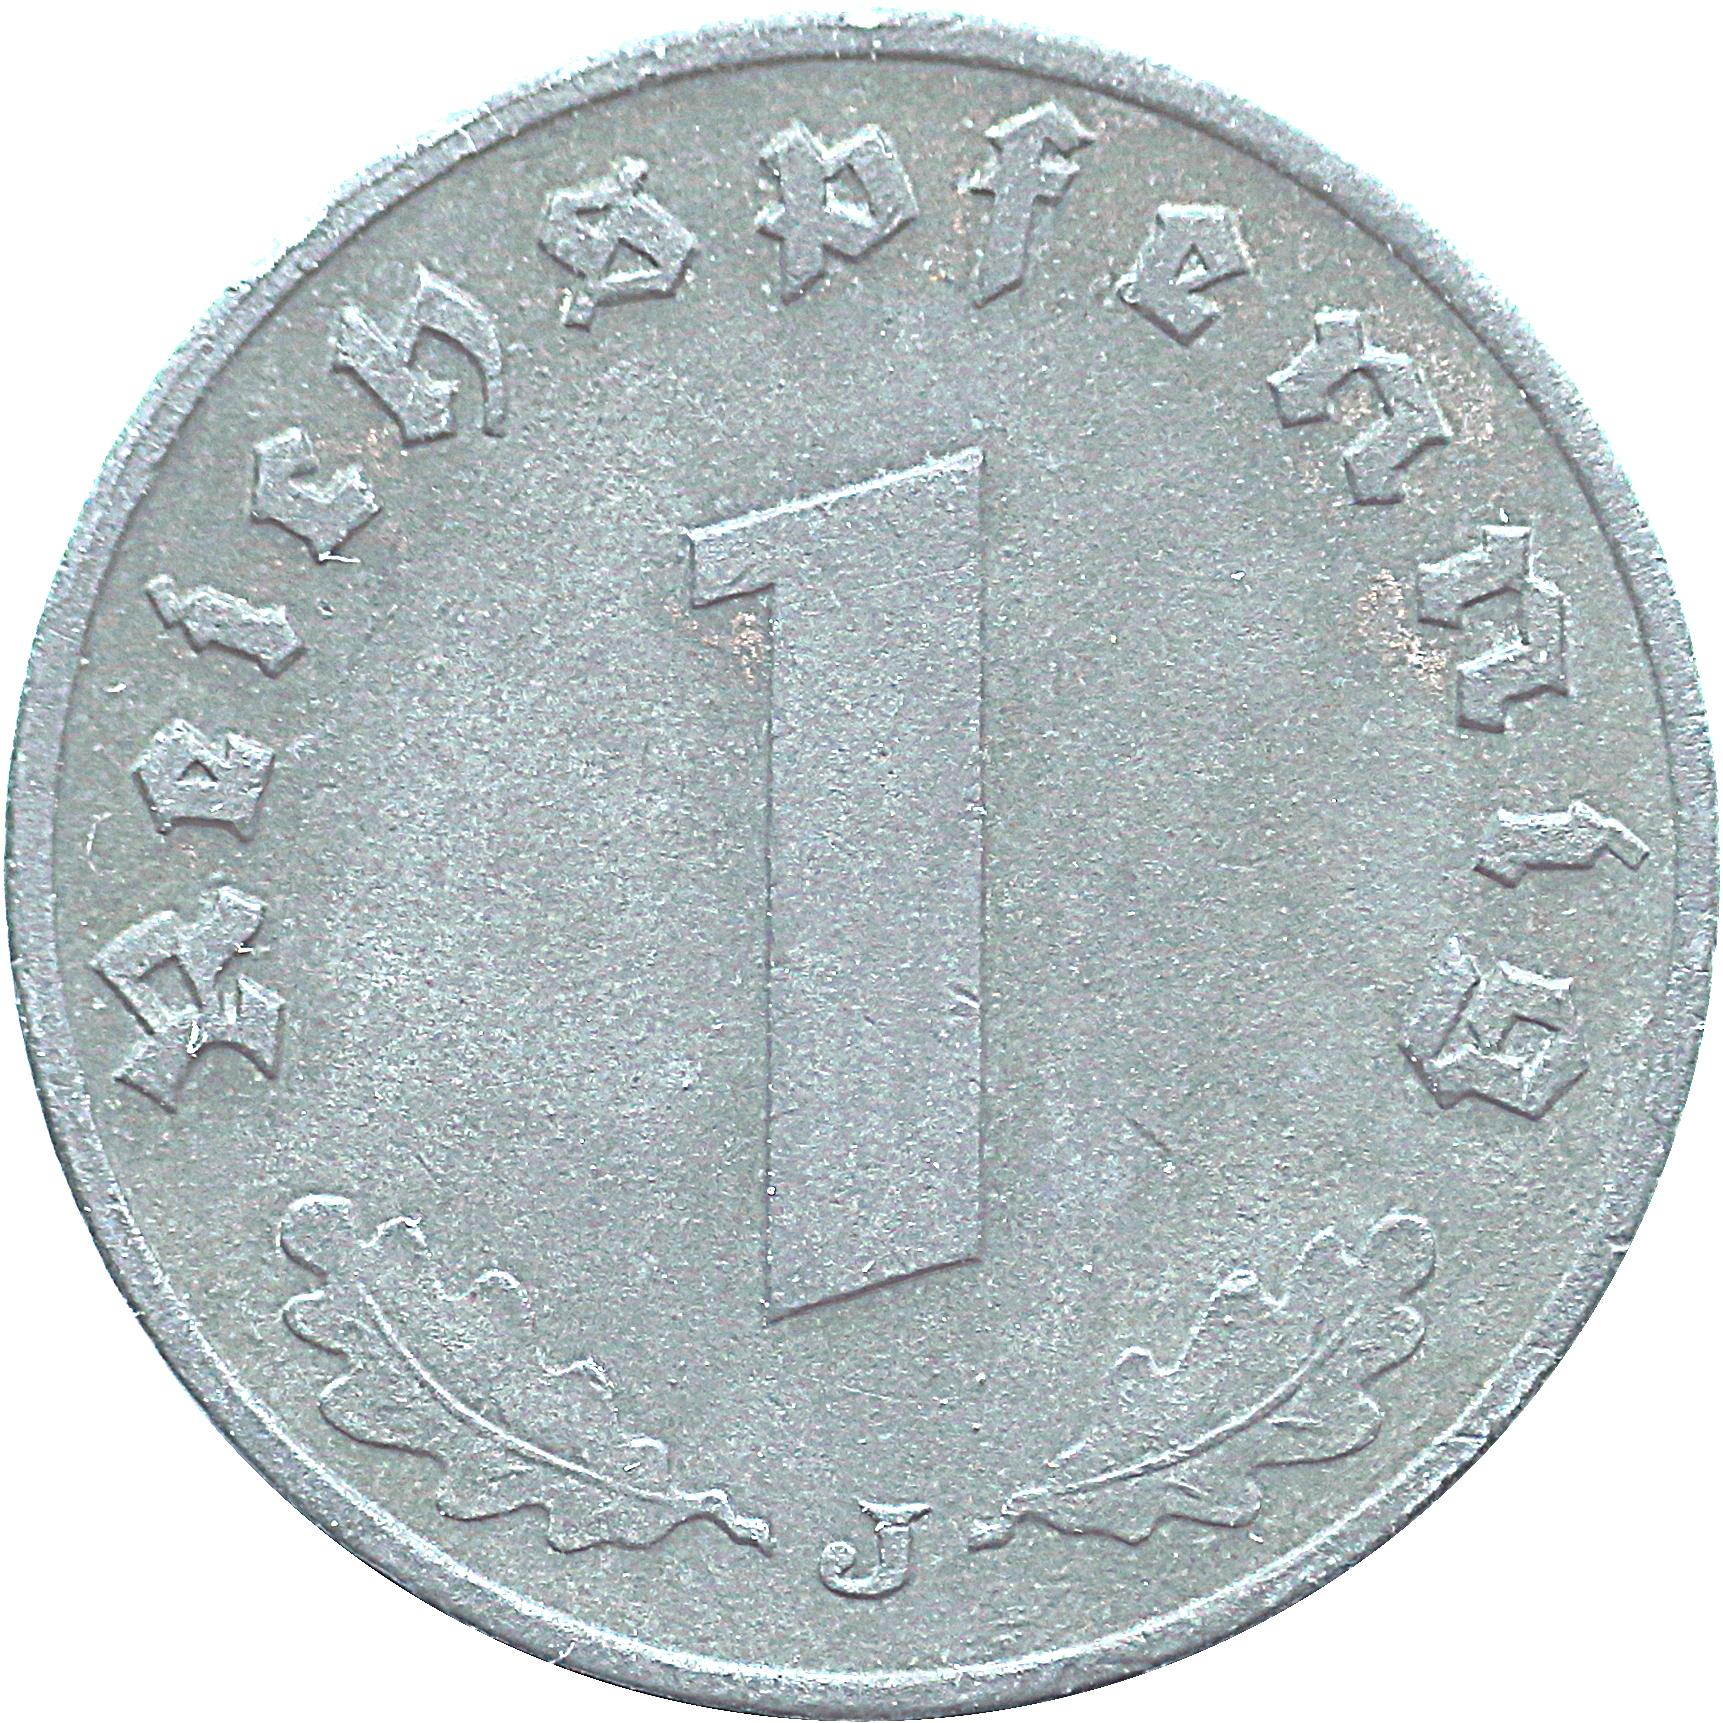 1 Reichspfennig Zinc Allemagne 1871 1948 Numista